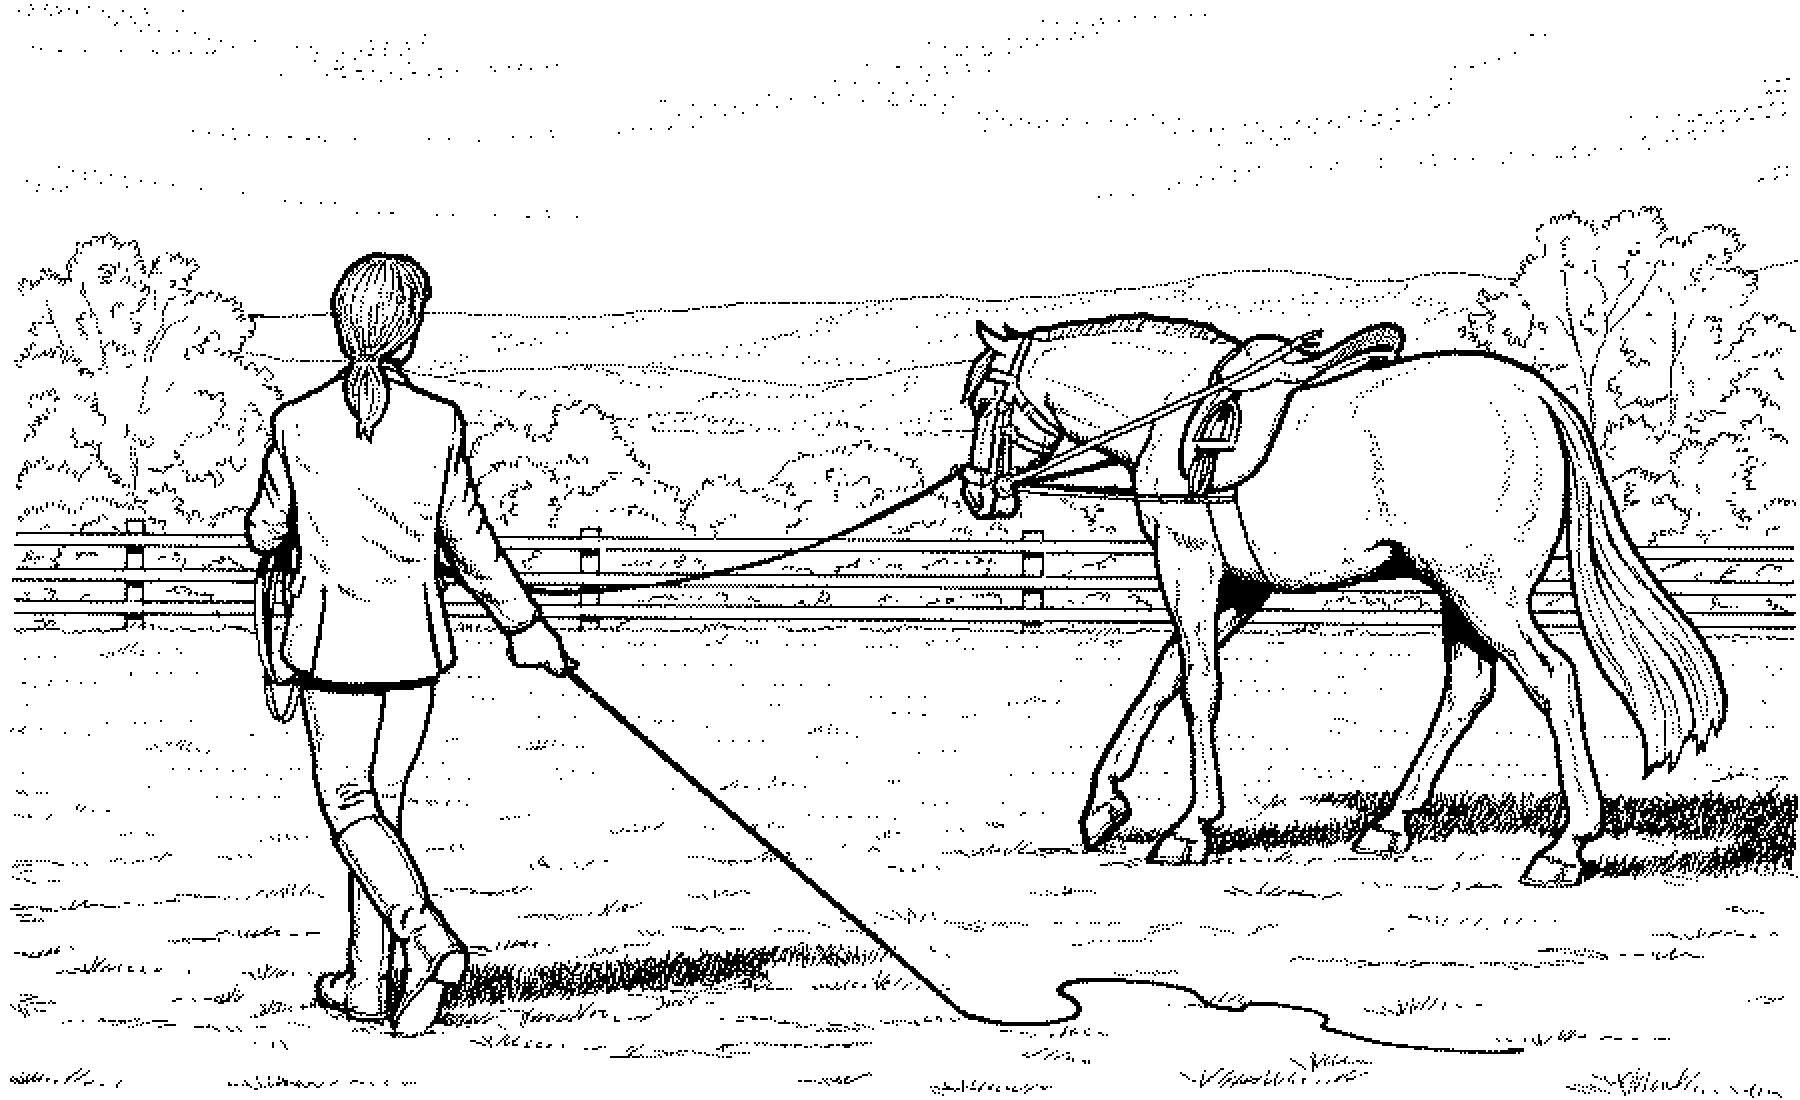 Pferde Ausmalbilder Mit Reiter Inspirierend Malvorlage Pferd Mit Reiter Fotos